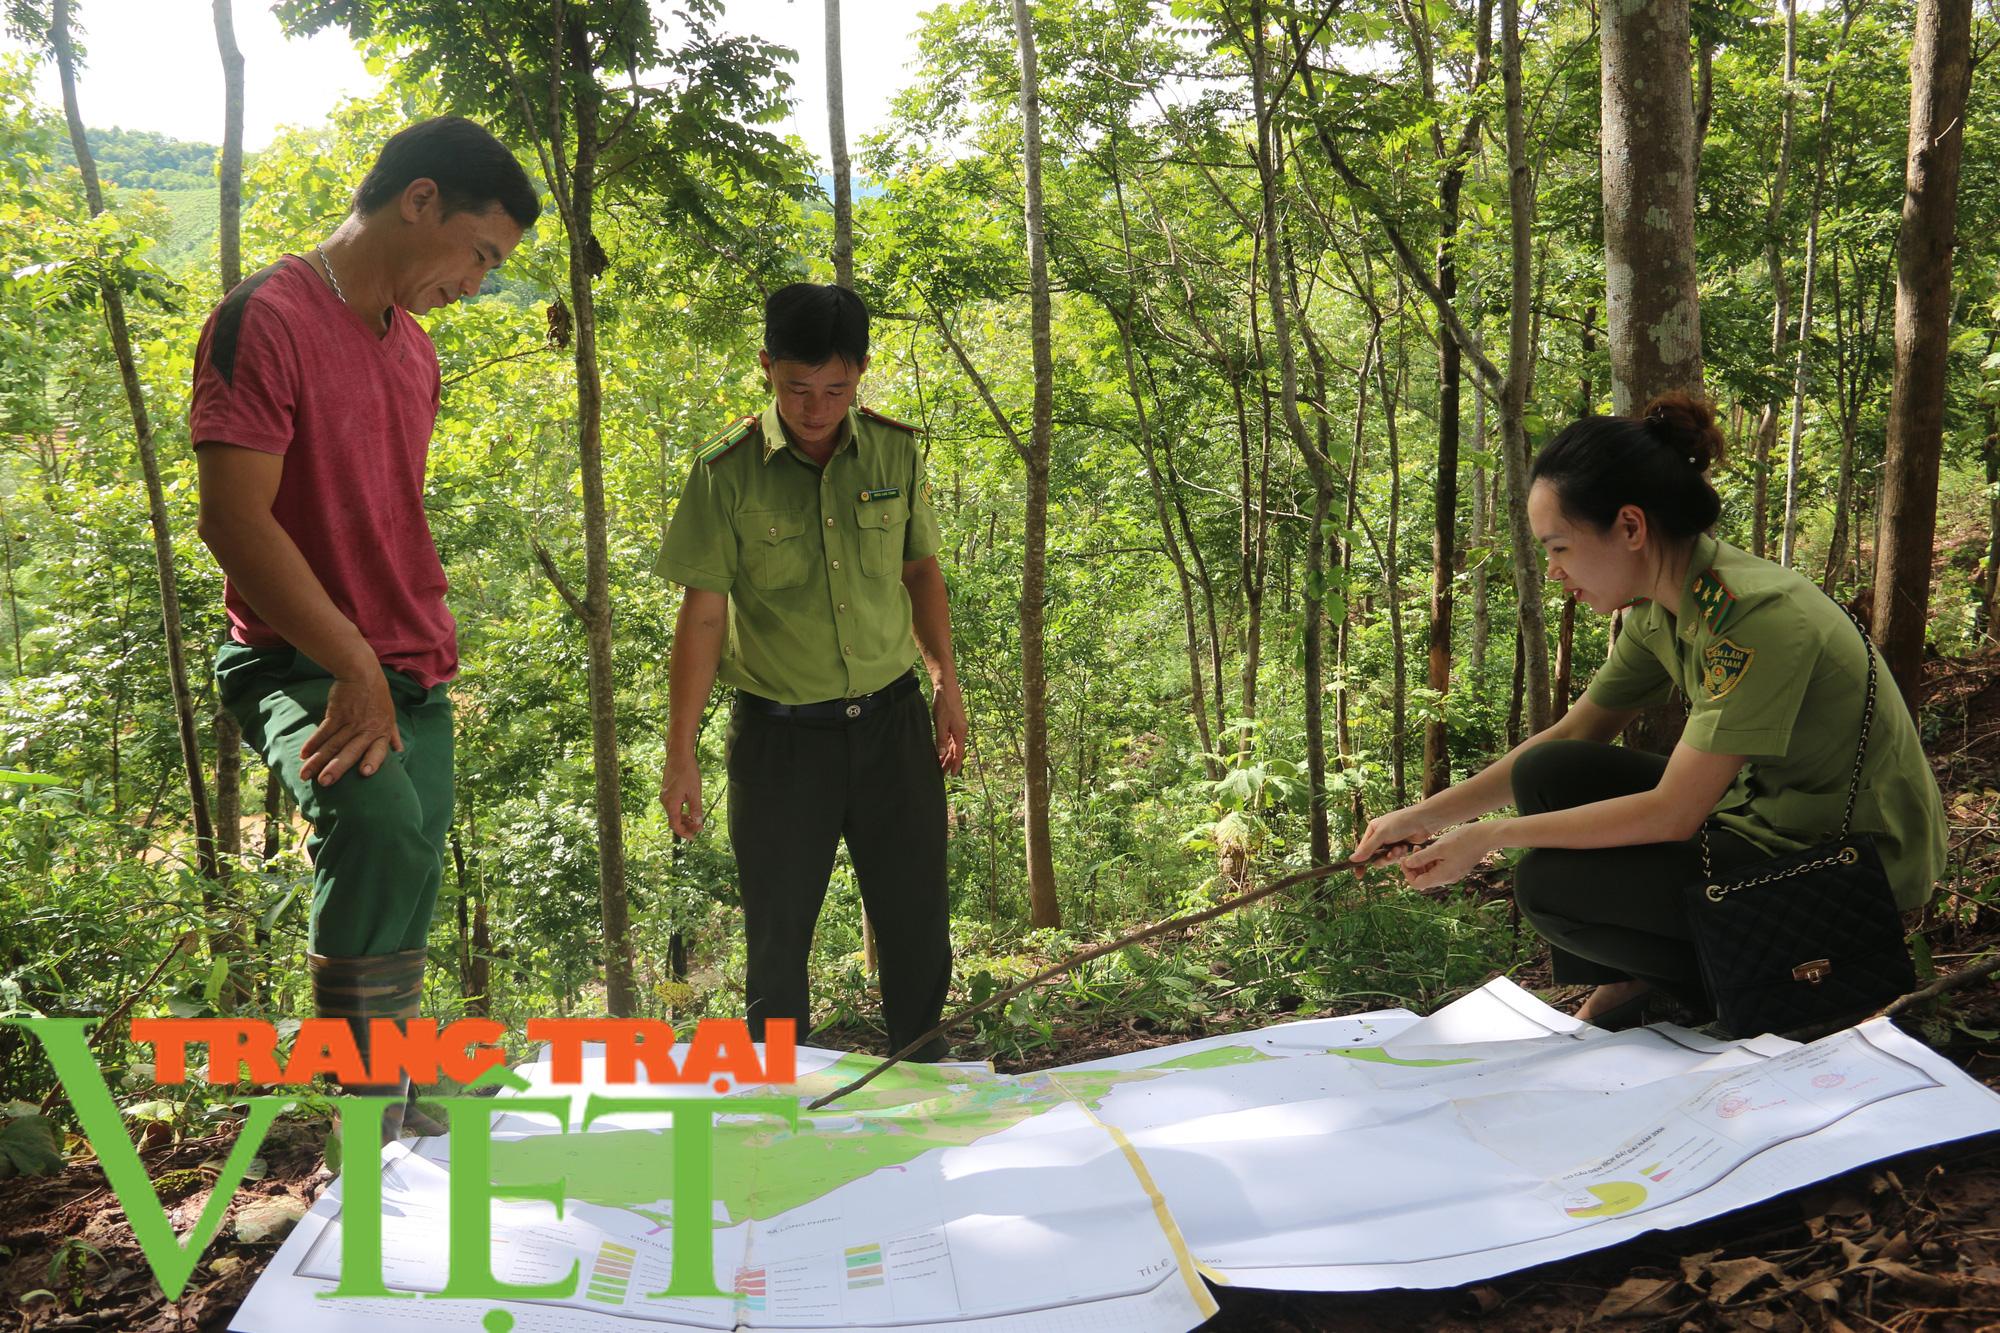 Hạt Kiểm lâm Yên Châu với công tác tuần tra bảo vệ rừng - Ảnh 5.